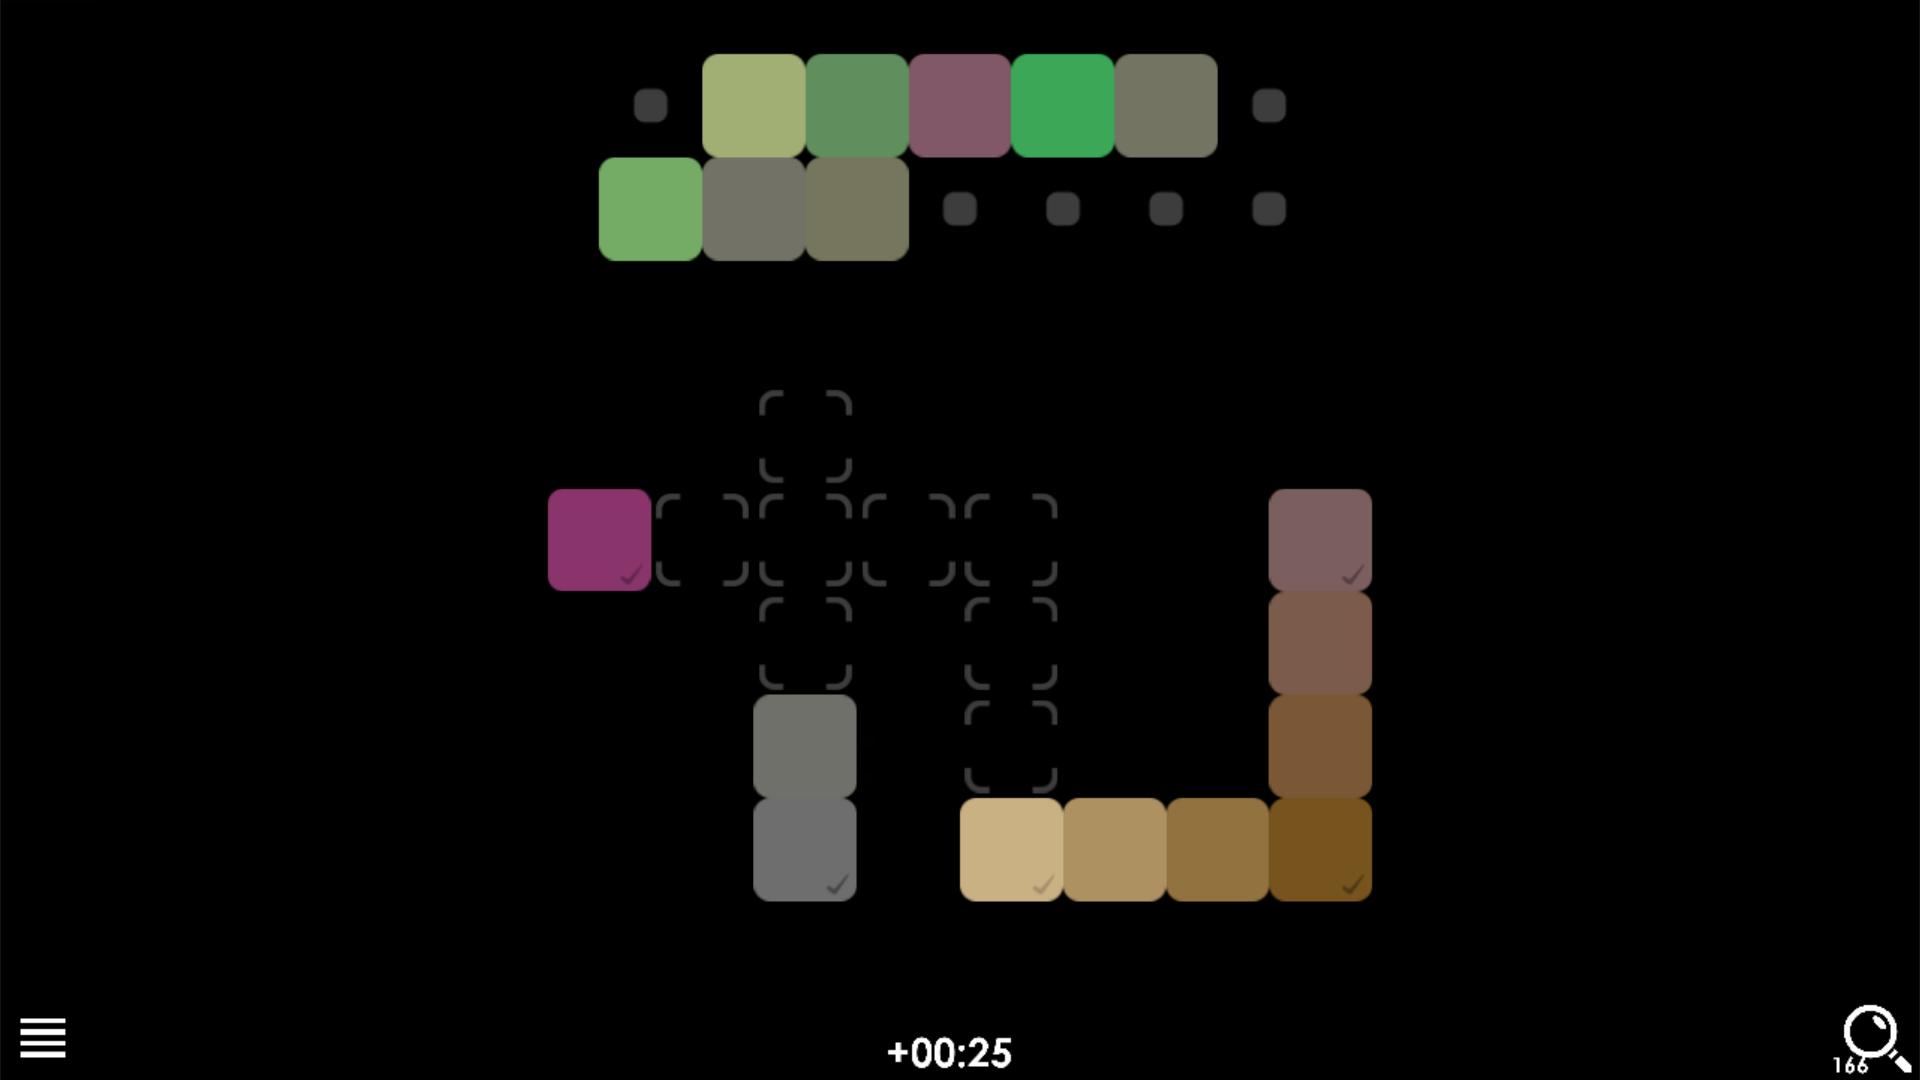 Blendoku 2 (彩独) - 色彩大师?来挑战色彩辨识力吧[iOS/Android] 4